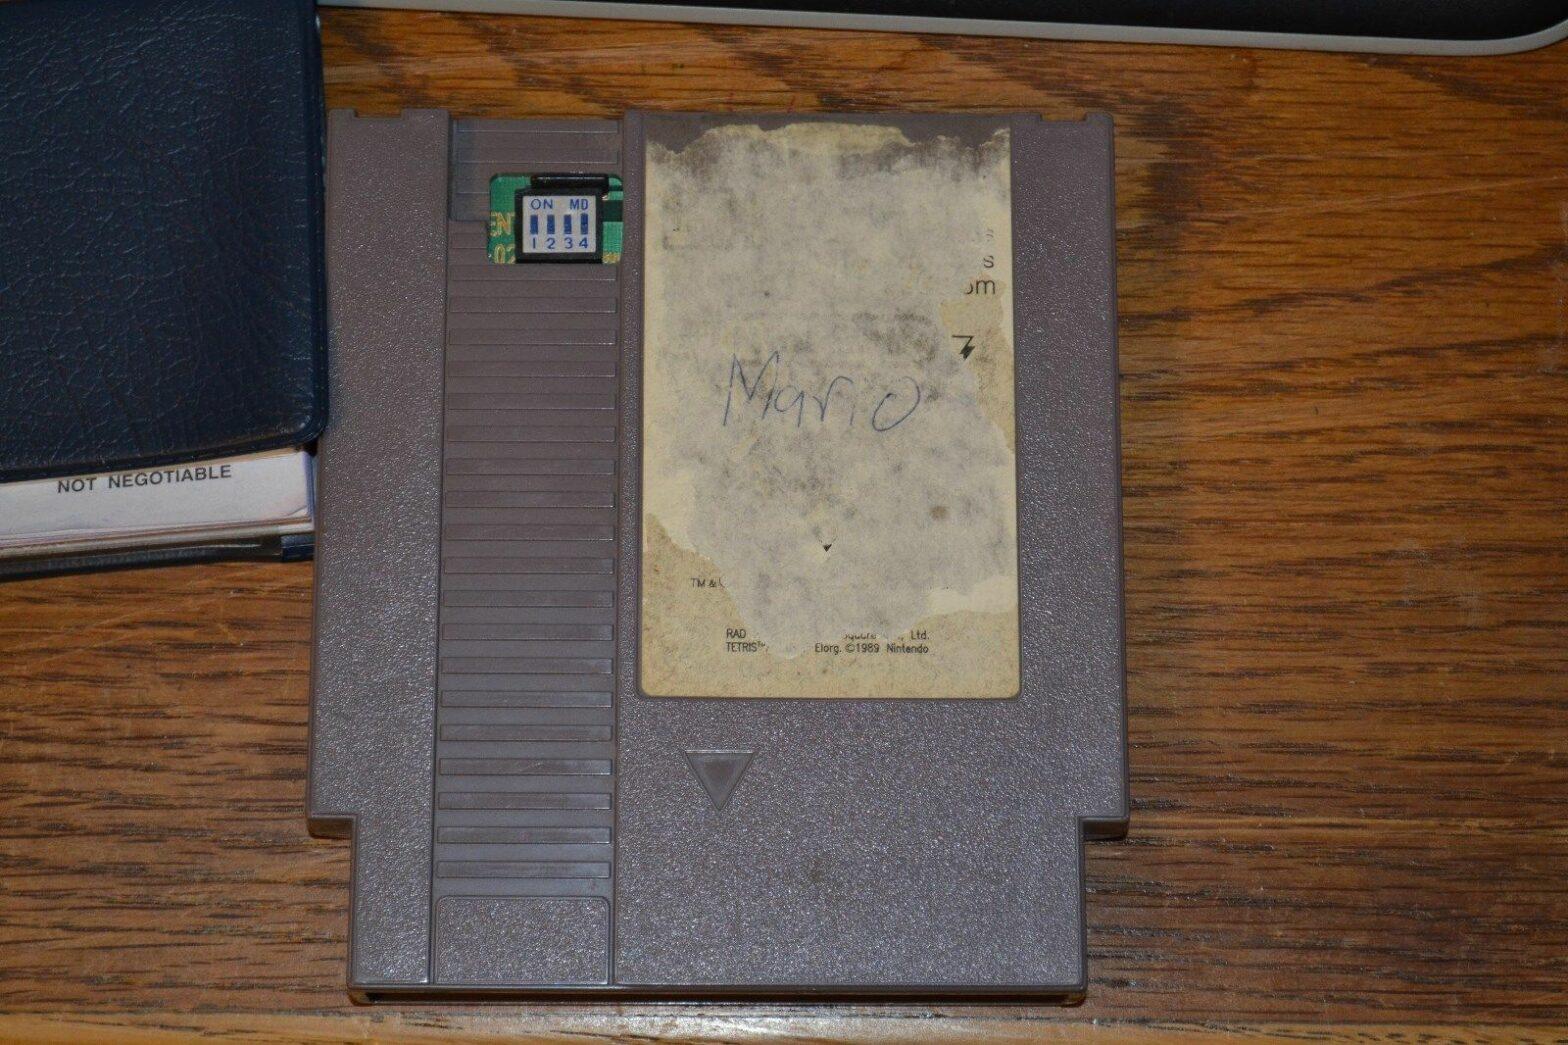 Seltenes NES Spiel für knapp 100.000$ versteigert